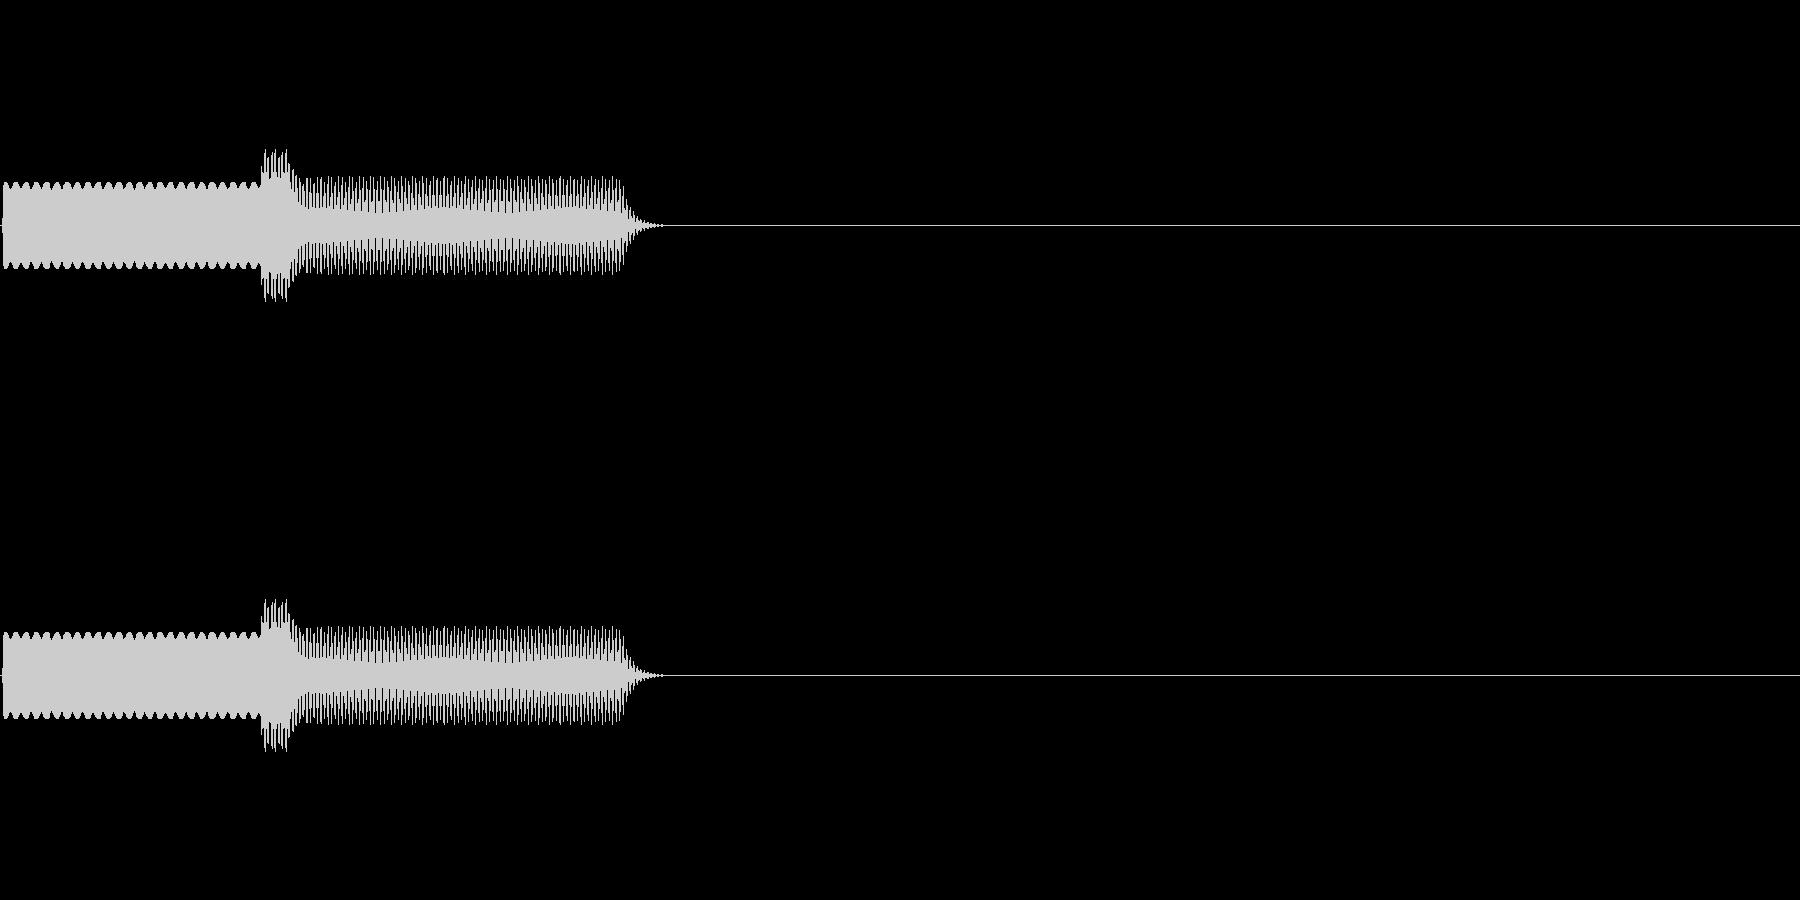 ピボ!コンピュータ音。8bit的。の未再生の波形